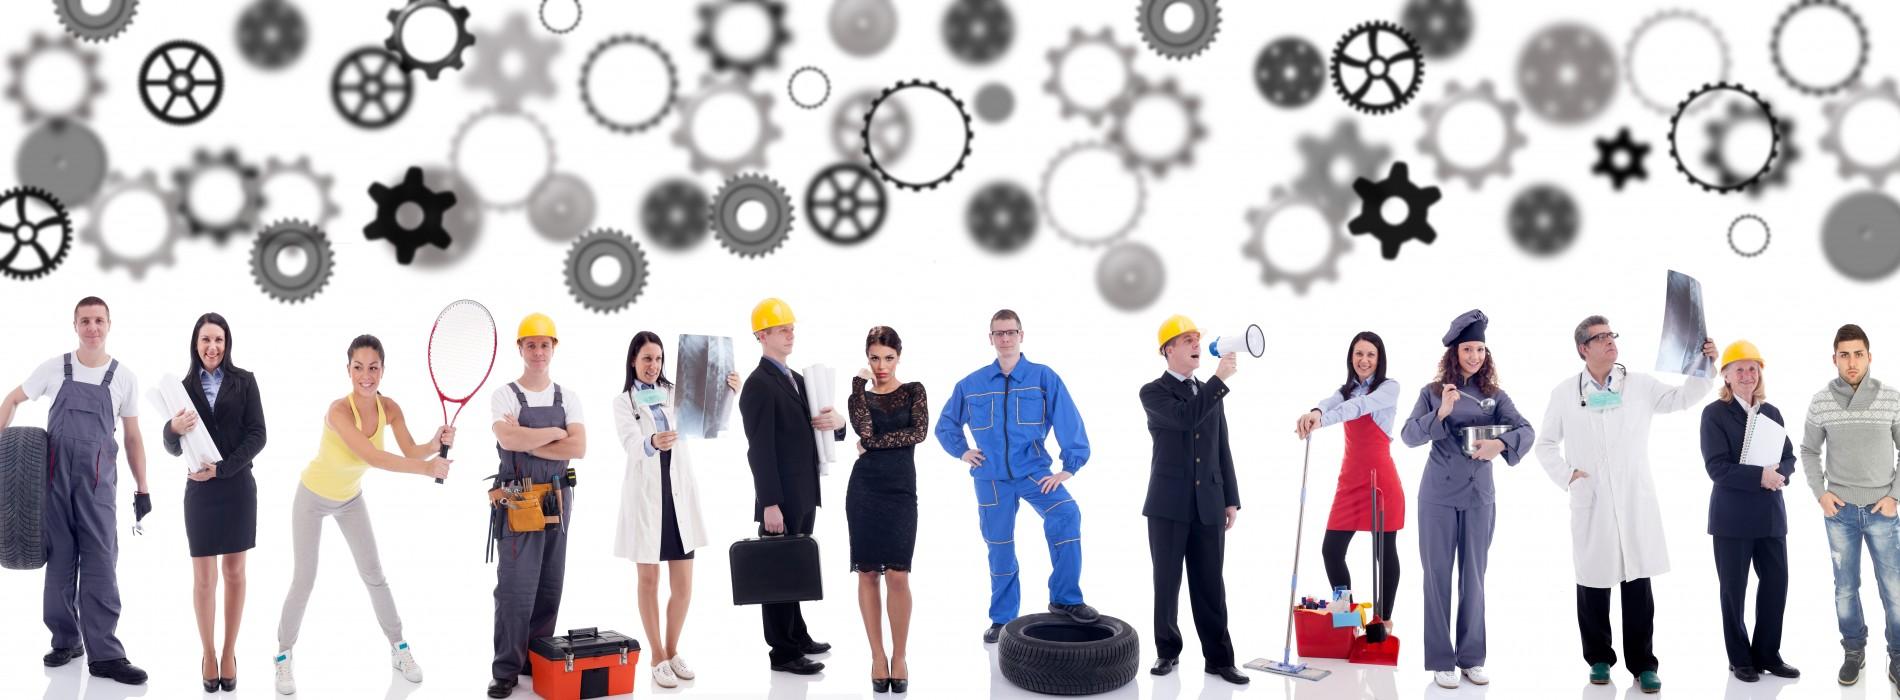 Wprowadzenie prezydenckiego pomysłu emerytur stażowych doprowadziłoby do braku pracowników